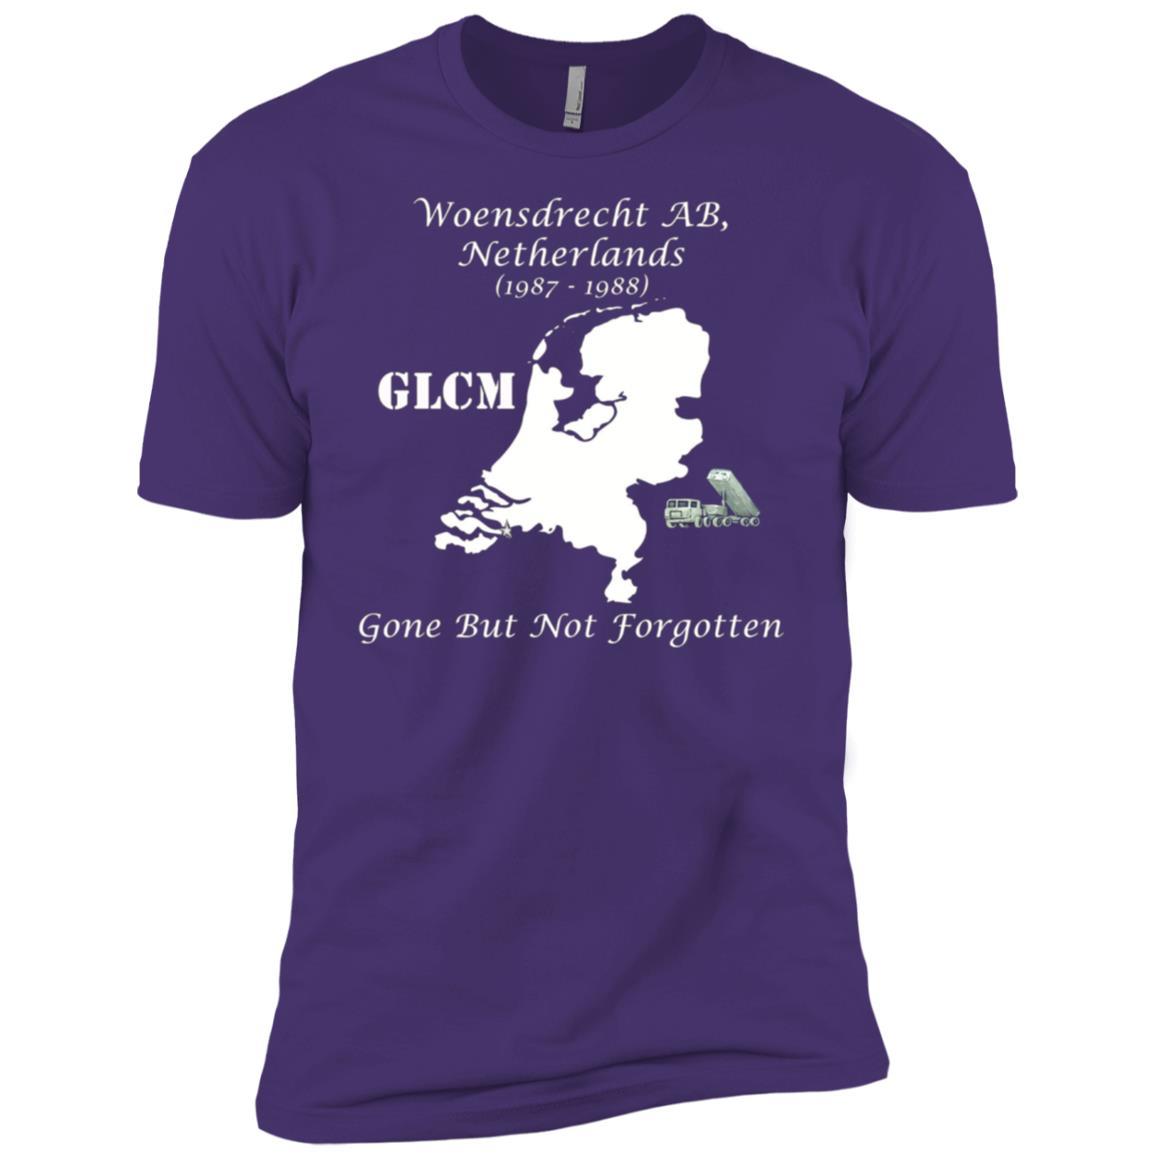 GLCM Woensdrecht AB Netherlands Gone But Not Forgotten Men Short Sleeve T-Shirt